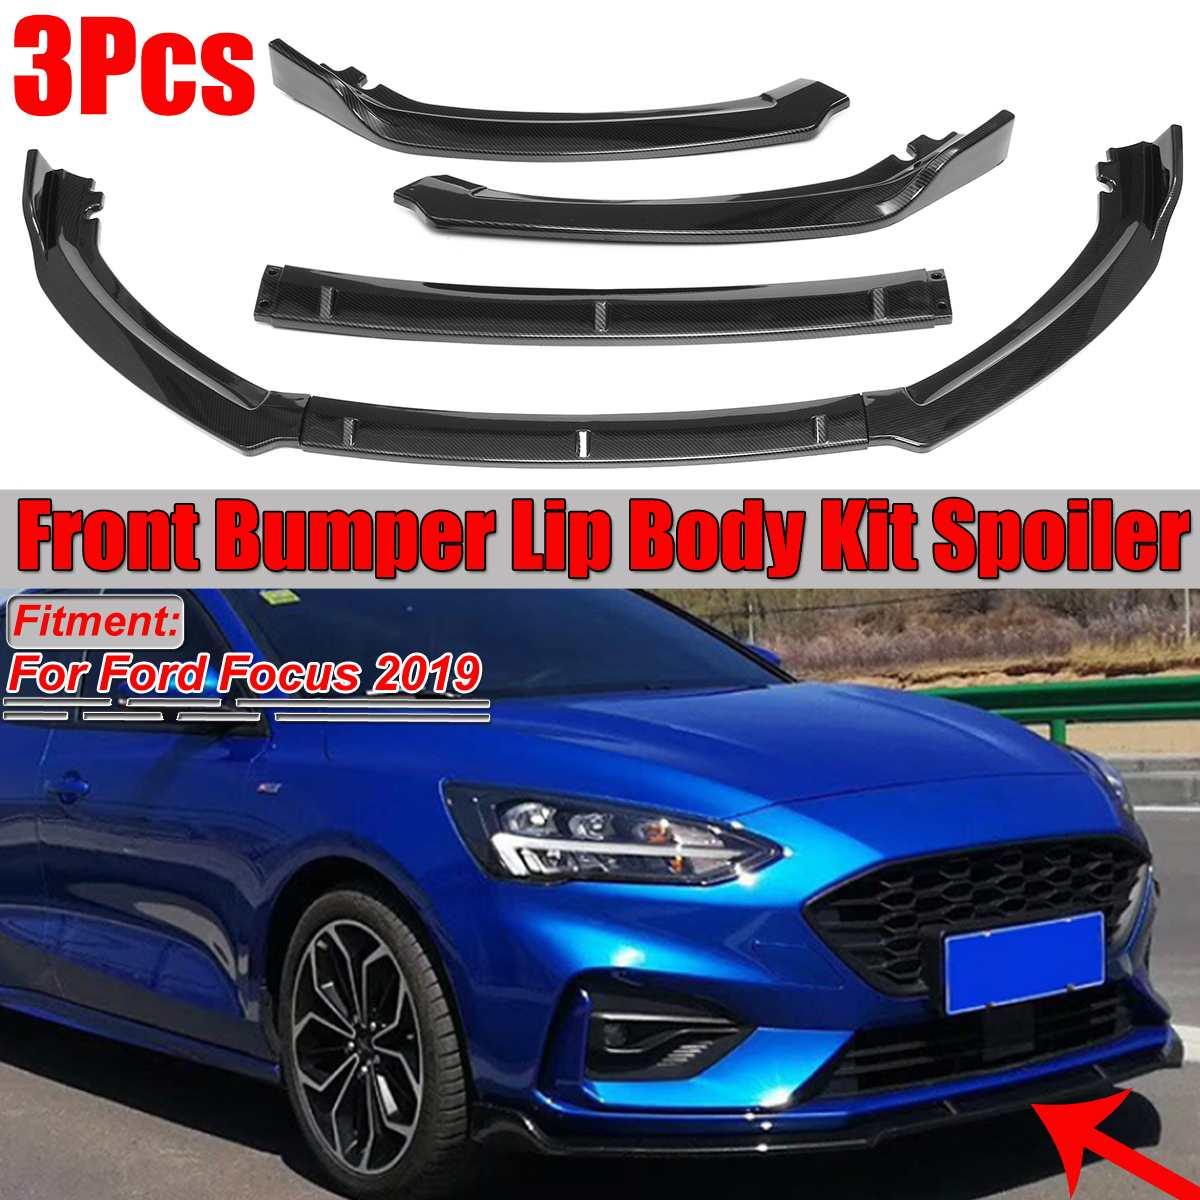 2019 fibra de carbono Look/Negro 3 piezas coche parachoques delantero labio divisor protección difusor cuerpo Kit Spoiler para Ford enfoque 2019